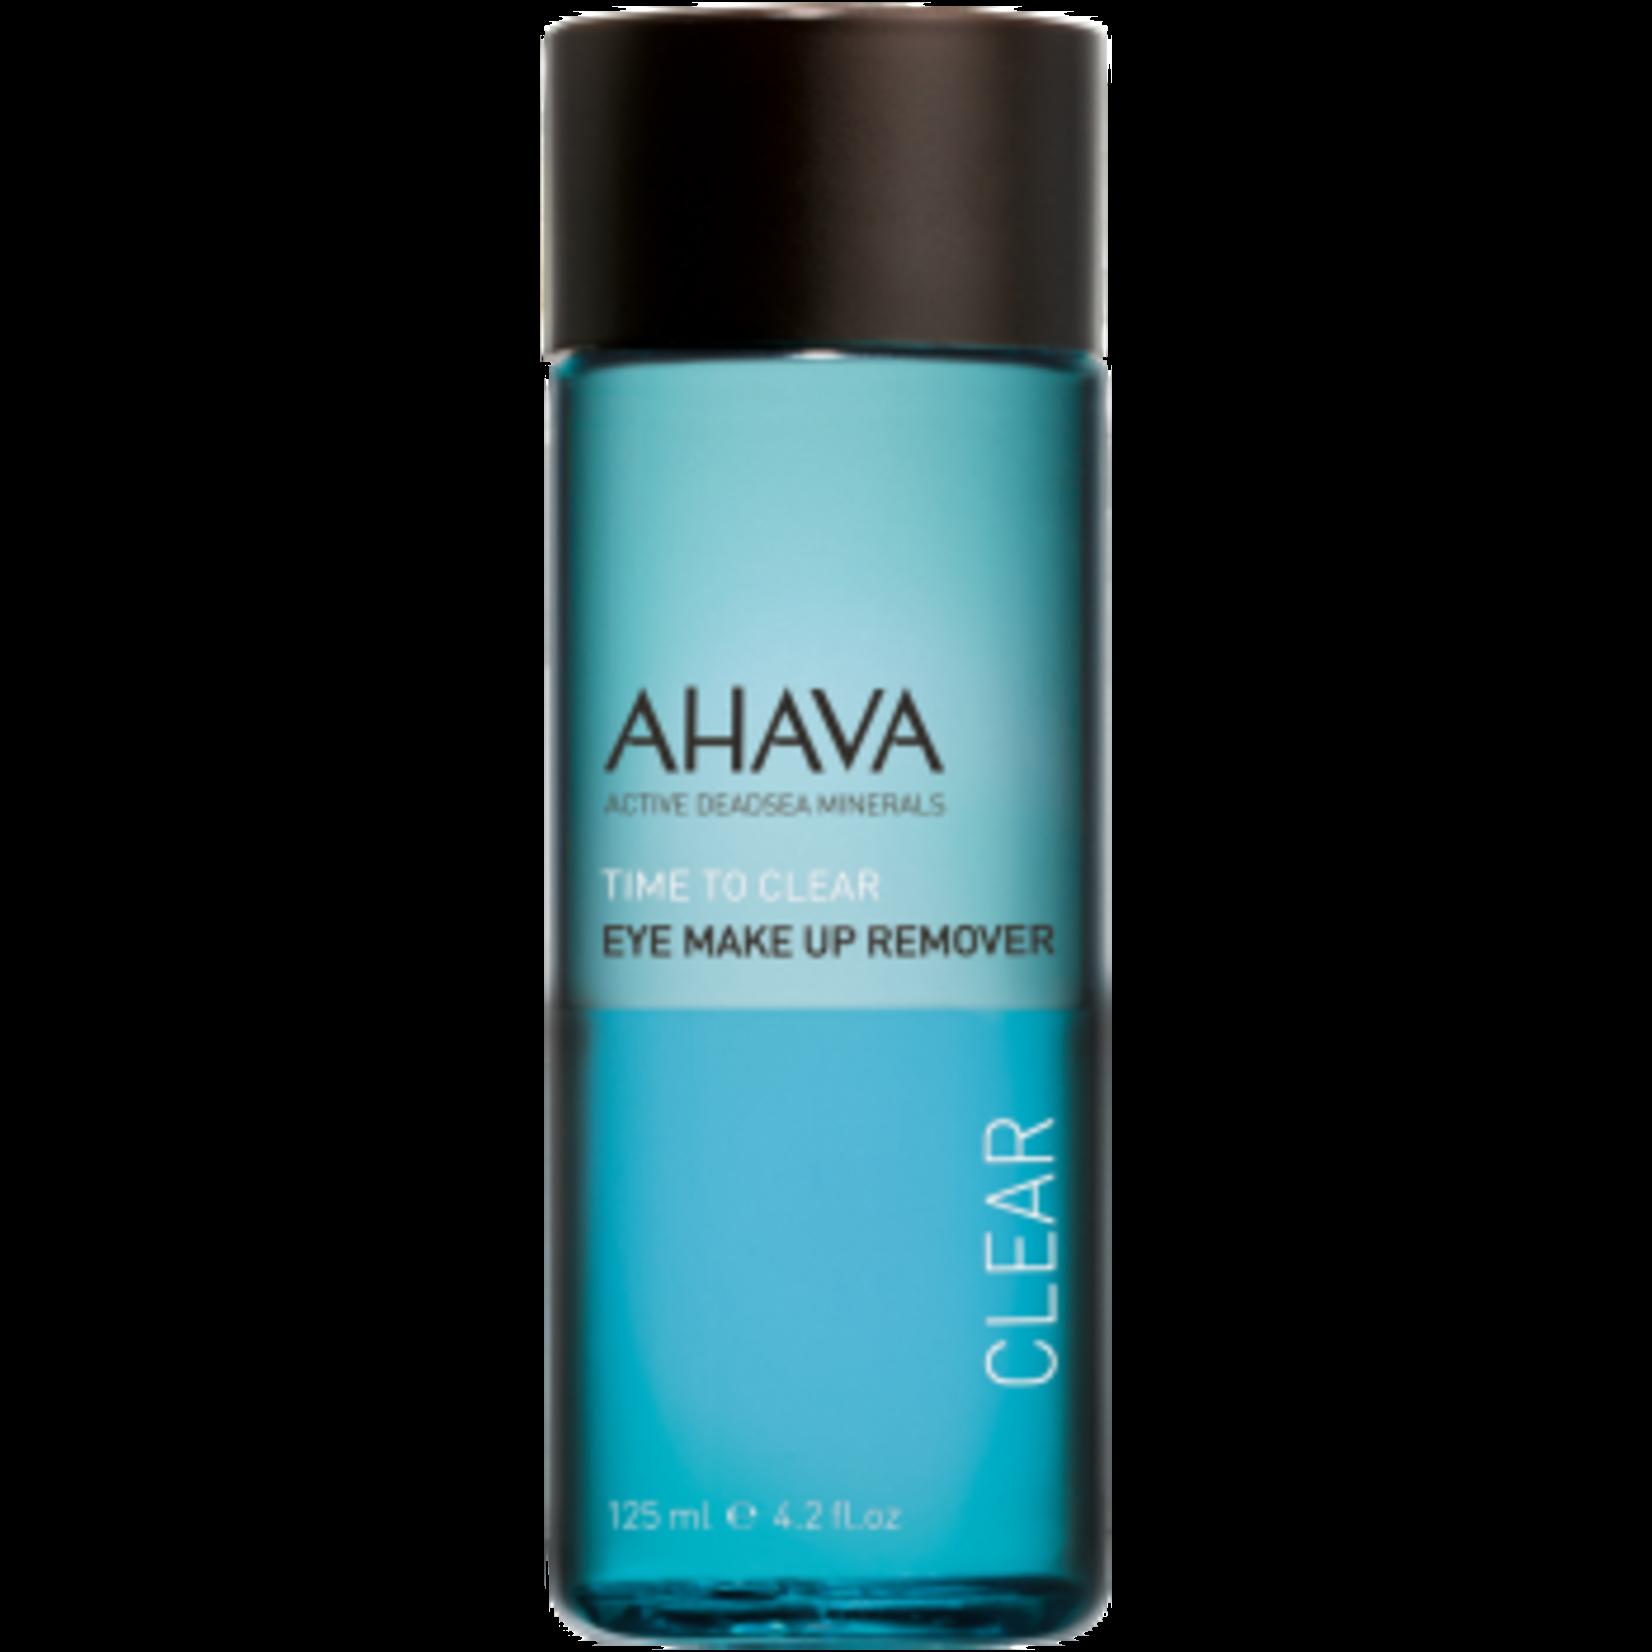 AHAVA eye make-up remover 125ml